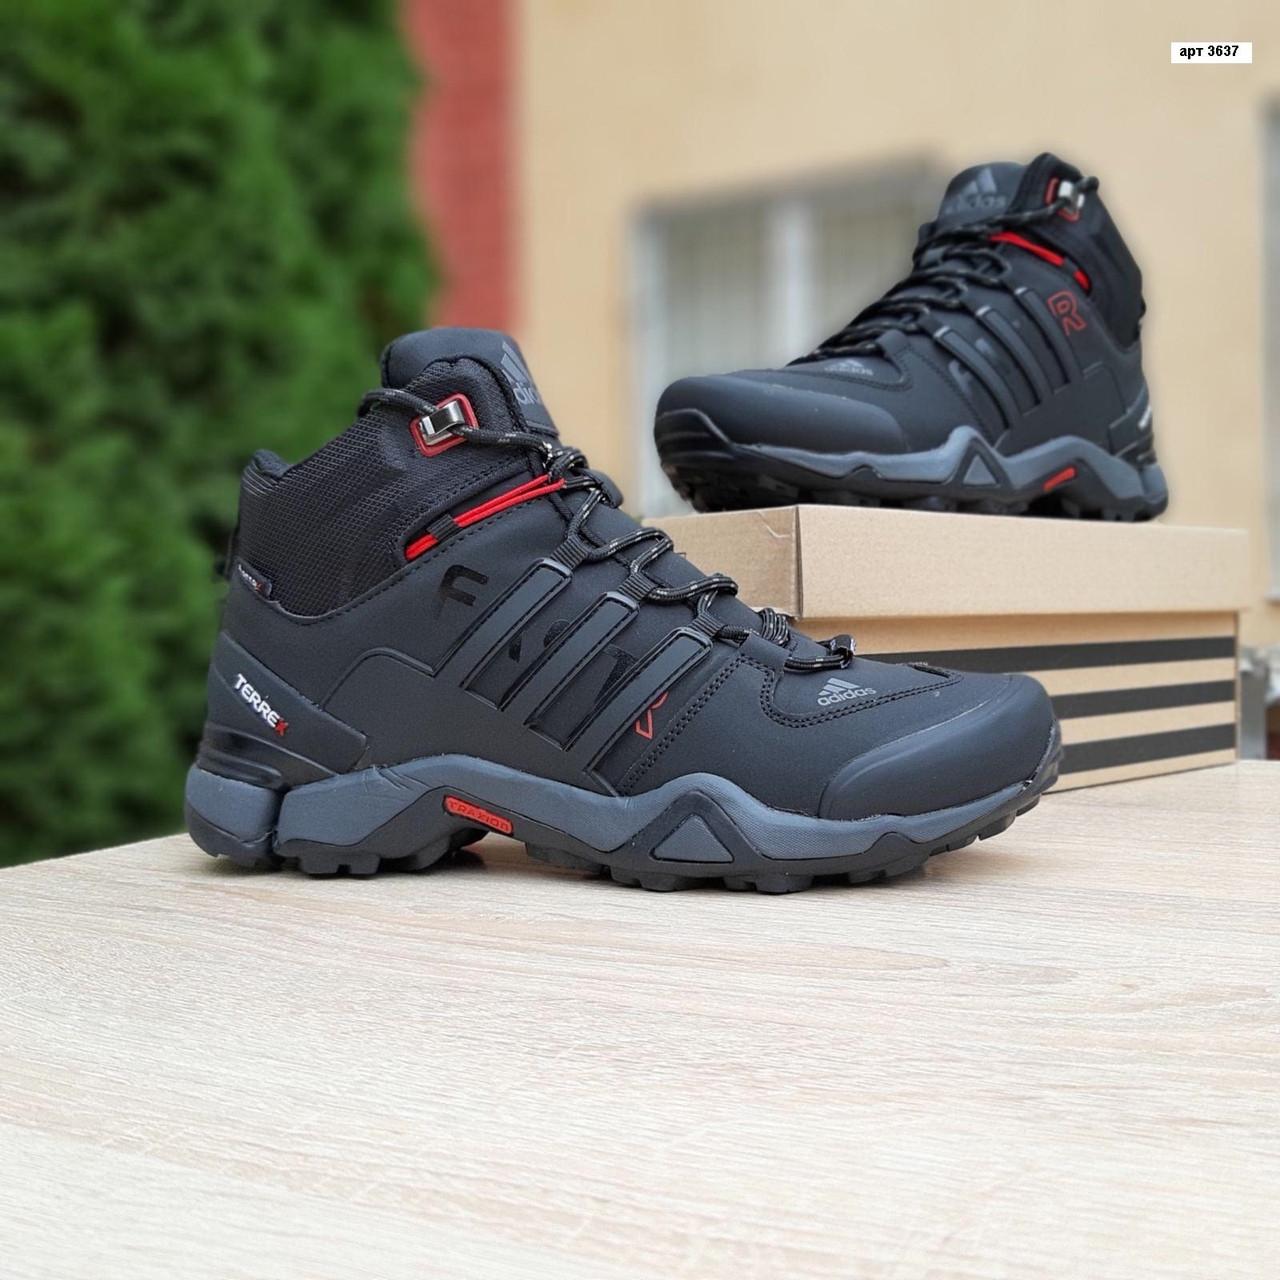 Мужские зимние кроссовки Adidas FASTR (черно-красные) 3637